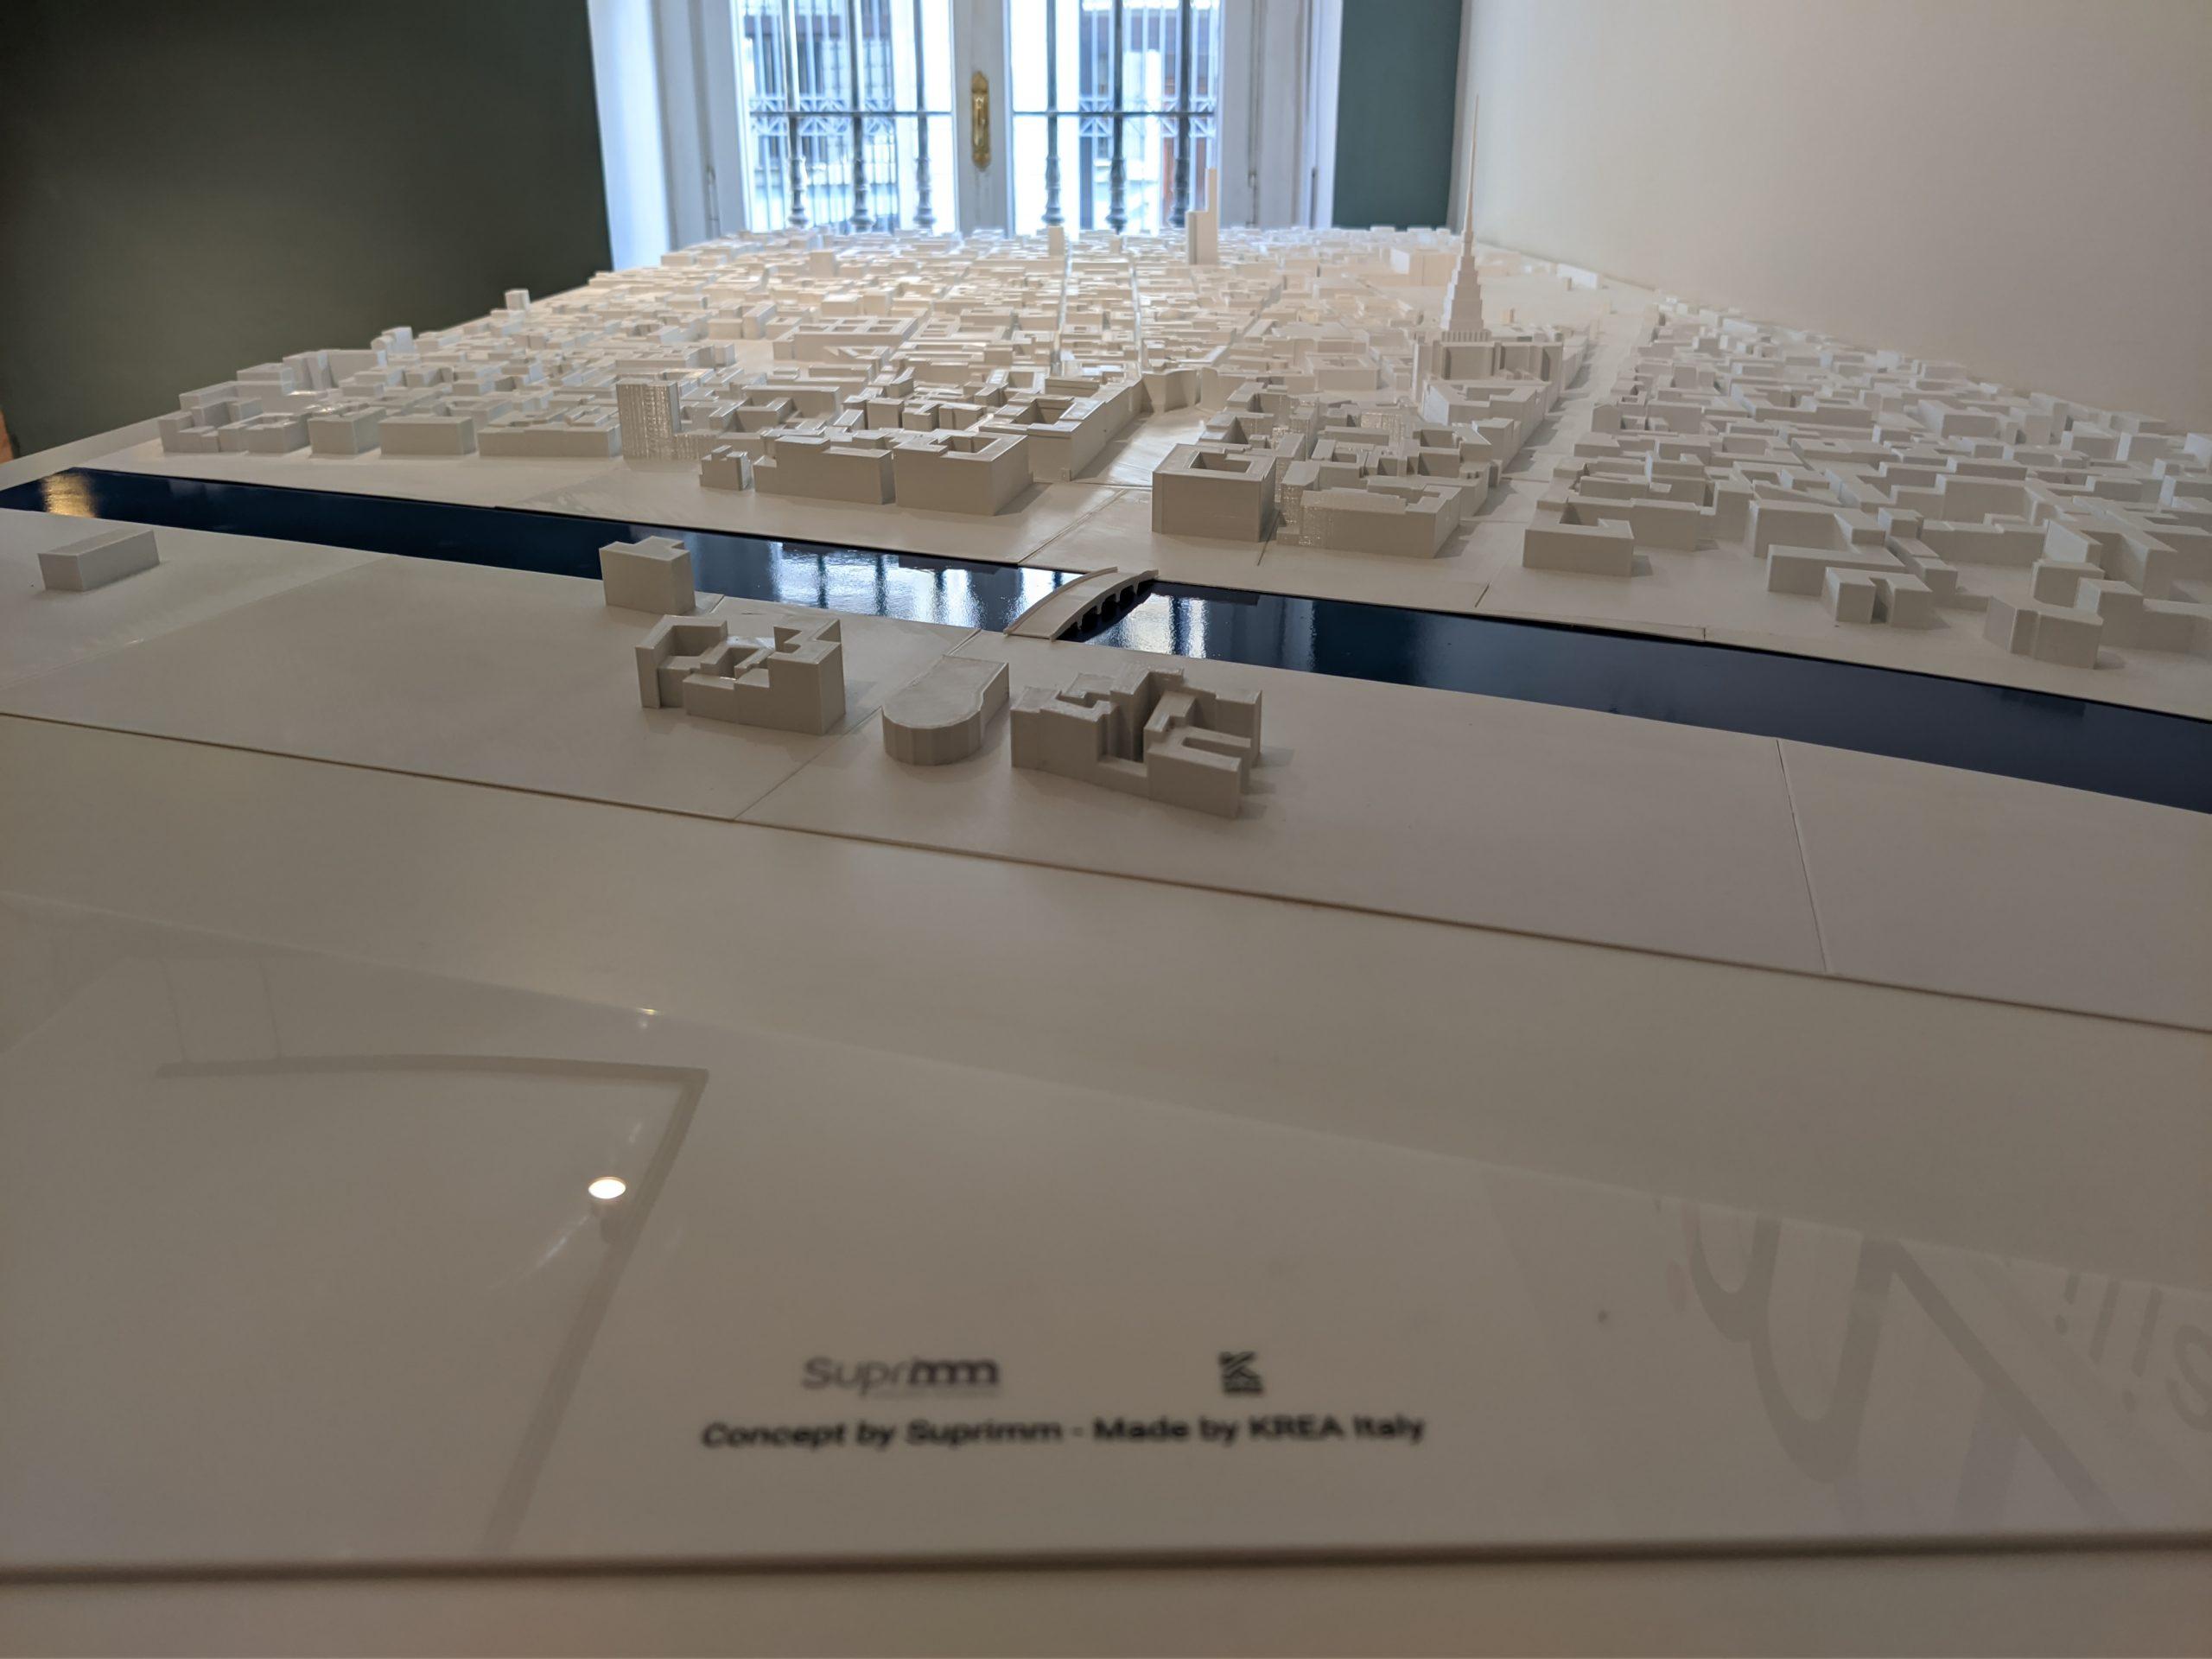 Città di Torino - Suprimm & KREA Italy - KreaItaly, Stampa 3d - Stampanti 3d Marche - Stampanti 3D prezzi - Aziende stampa 3d